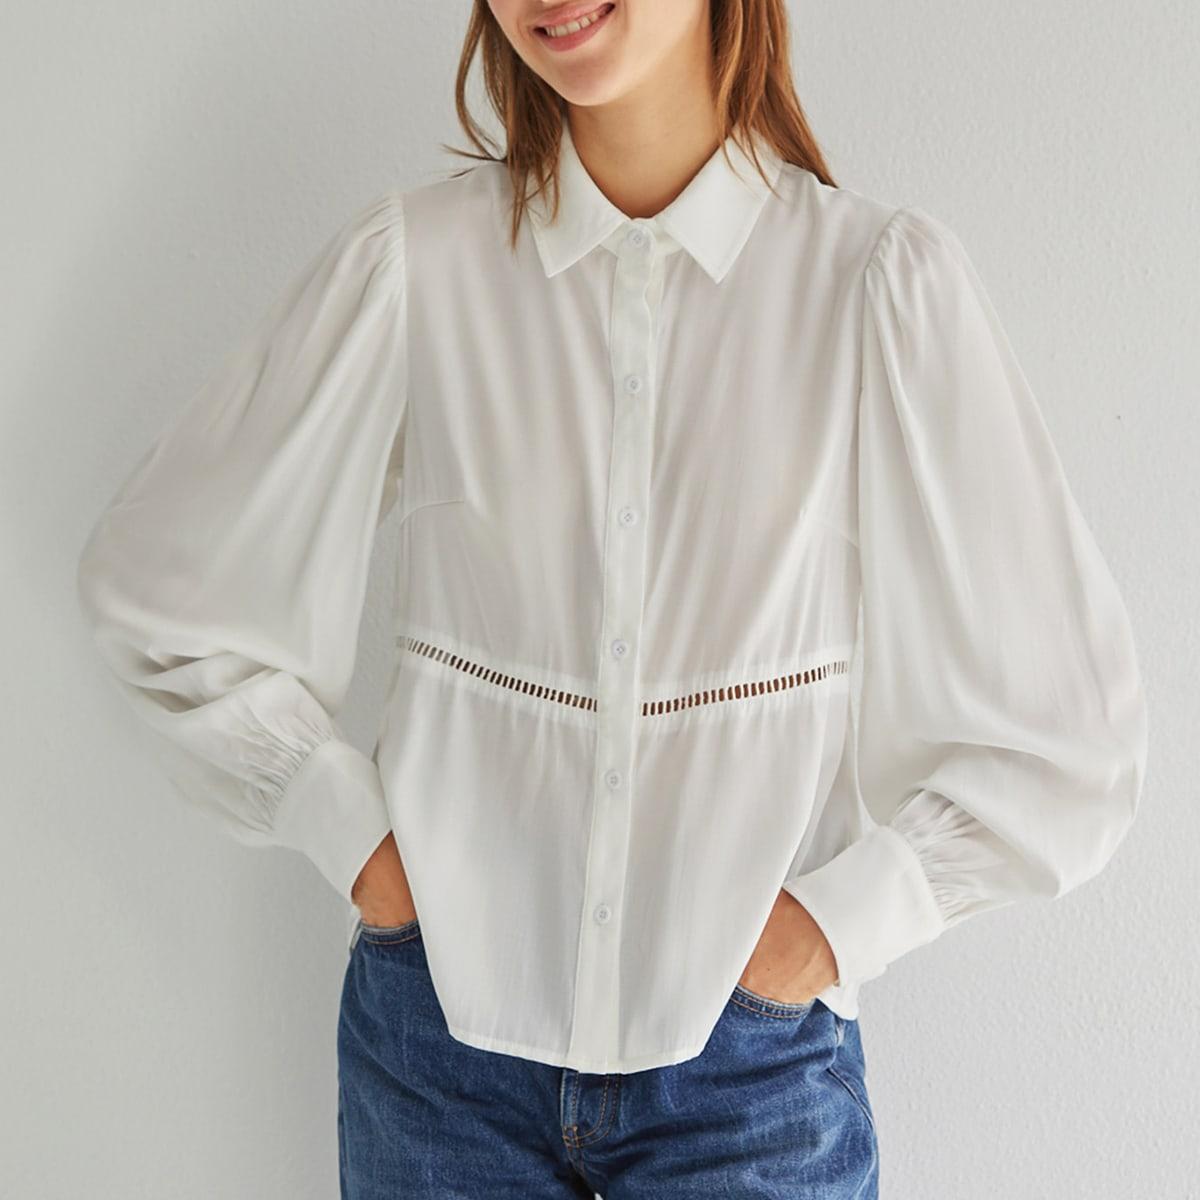 Блузка с рукавами фонариками и кружевной вставкой по цене 672